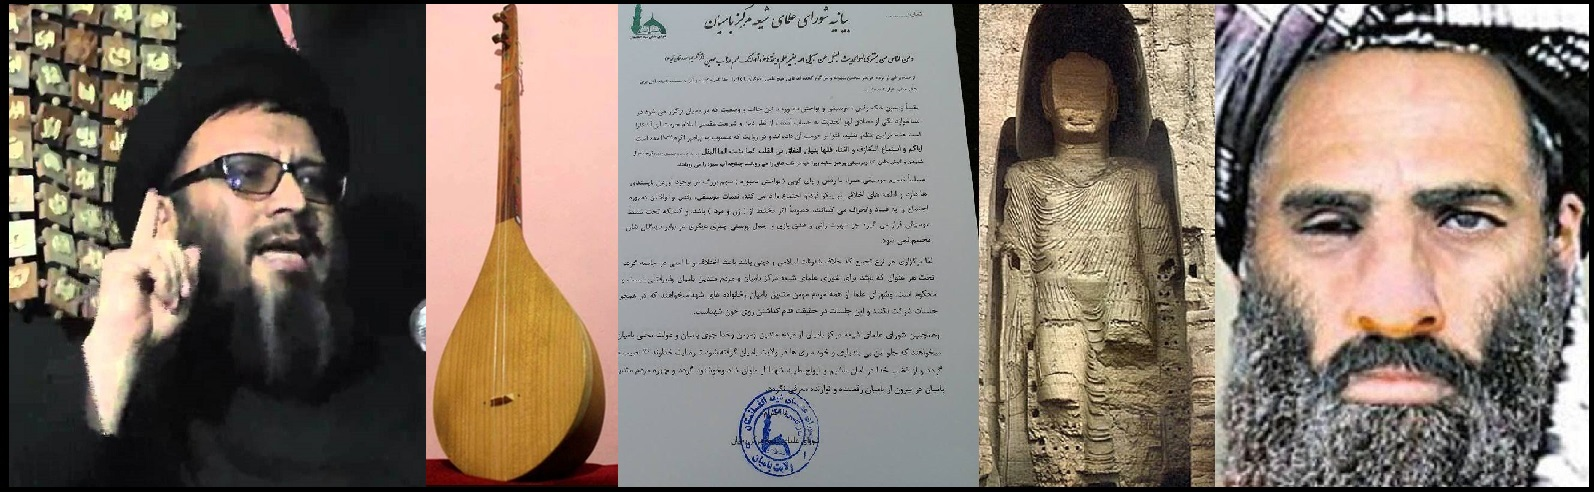 از بتشکنی ملاعمر تا فتوای پیشمرگههای منافع ایران